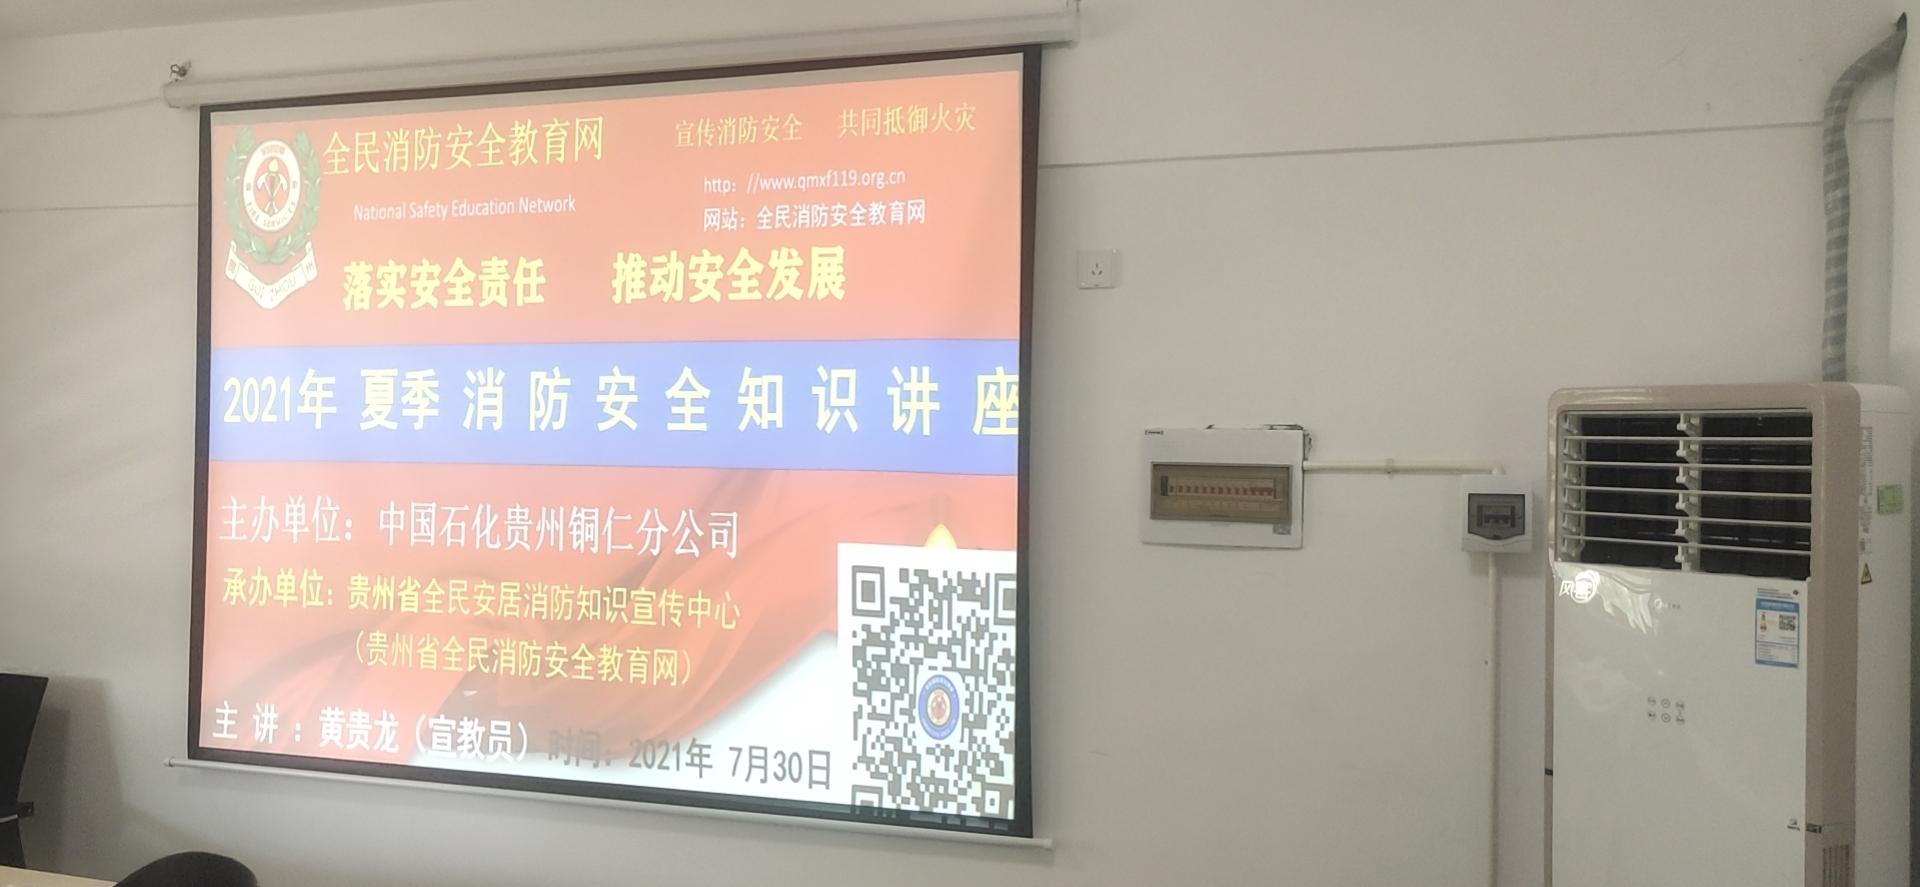 中国石化贵州铜仁分公司关于开展2021年夏季消防安全知识培训会